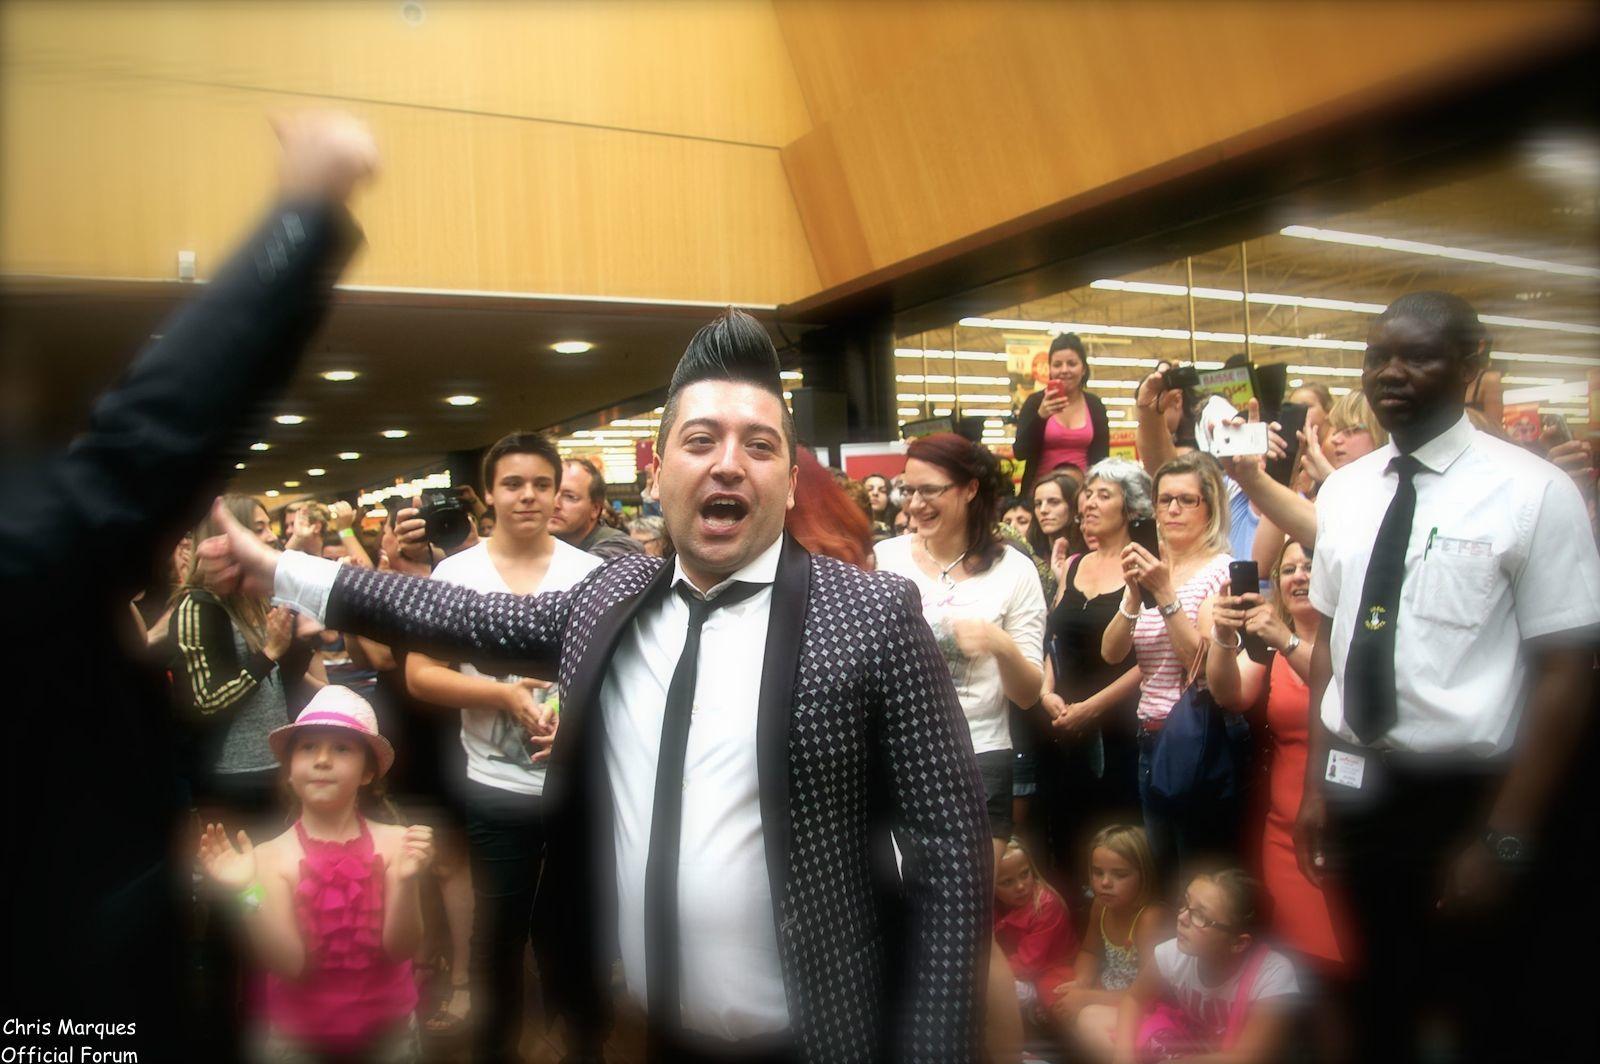 [14.06.2014] Evénement à #Colmar Chris Marques et Jaclyn Spencer pour un Flashmob/Cours de Danse/Dédicaces exceptionnels le tout organisé par la MJC de Colmar 2411